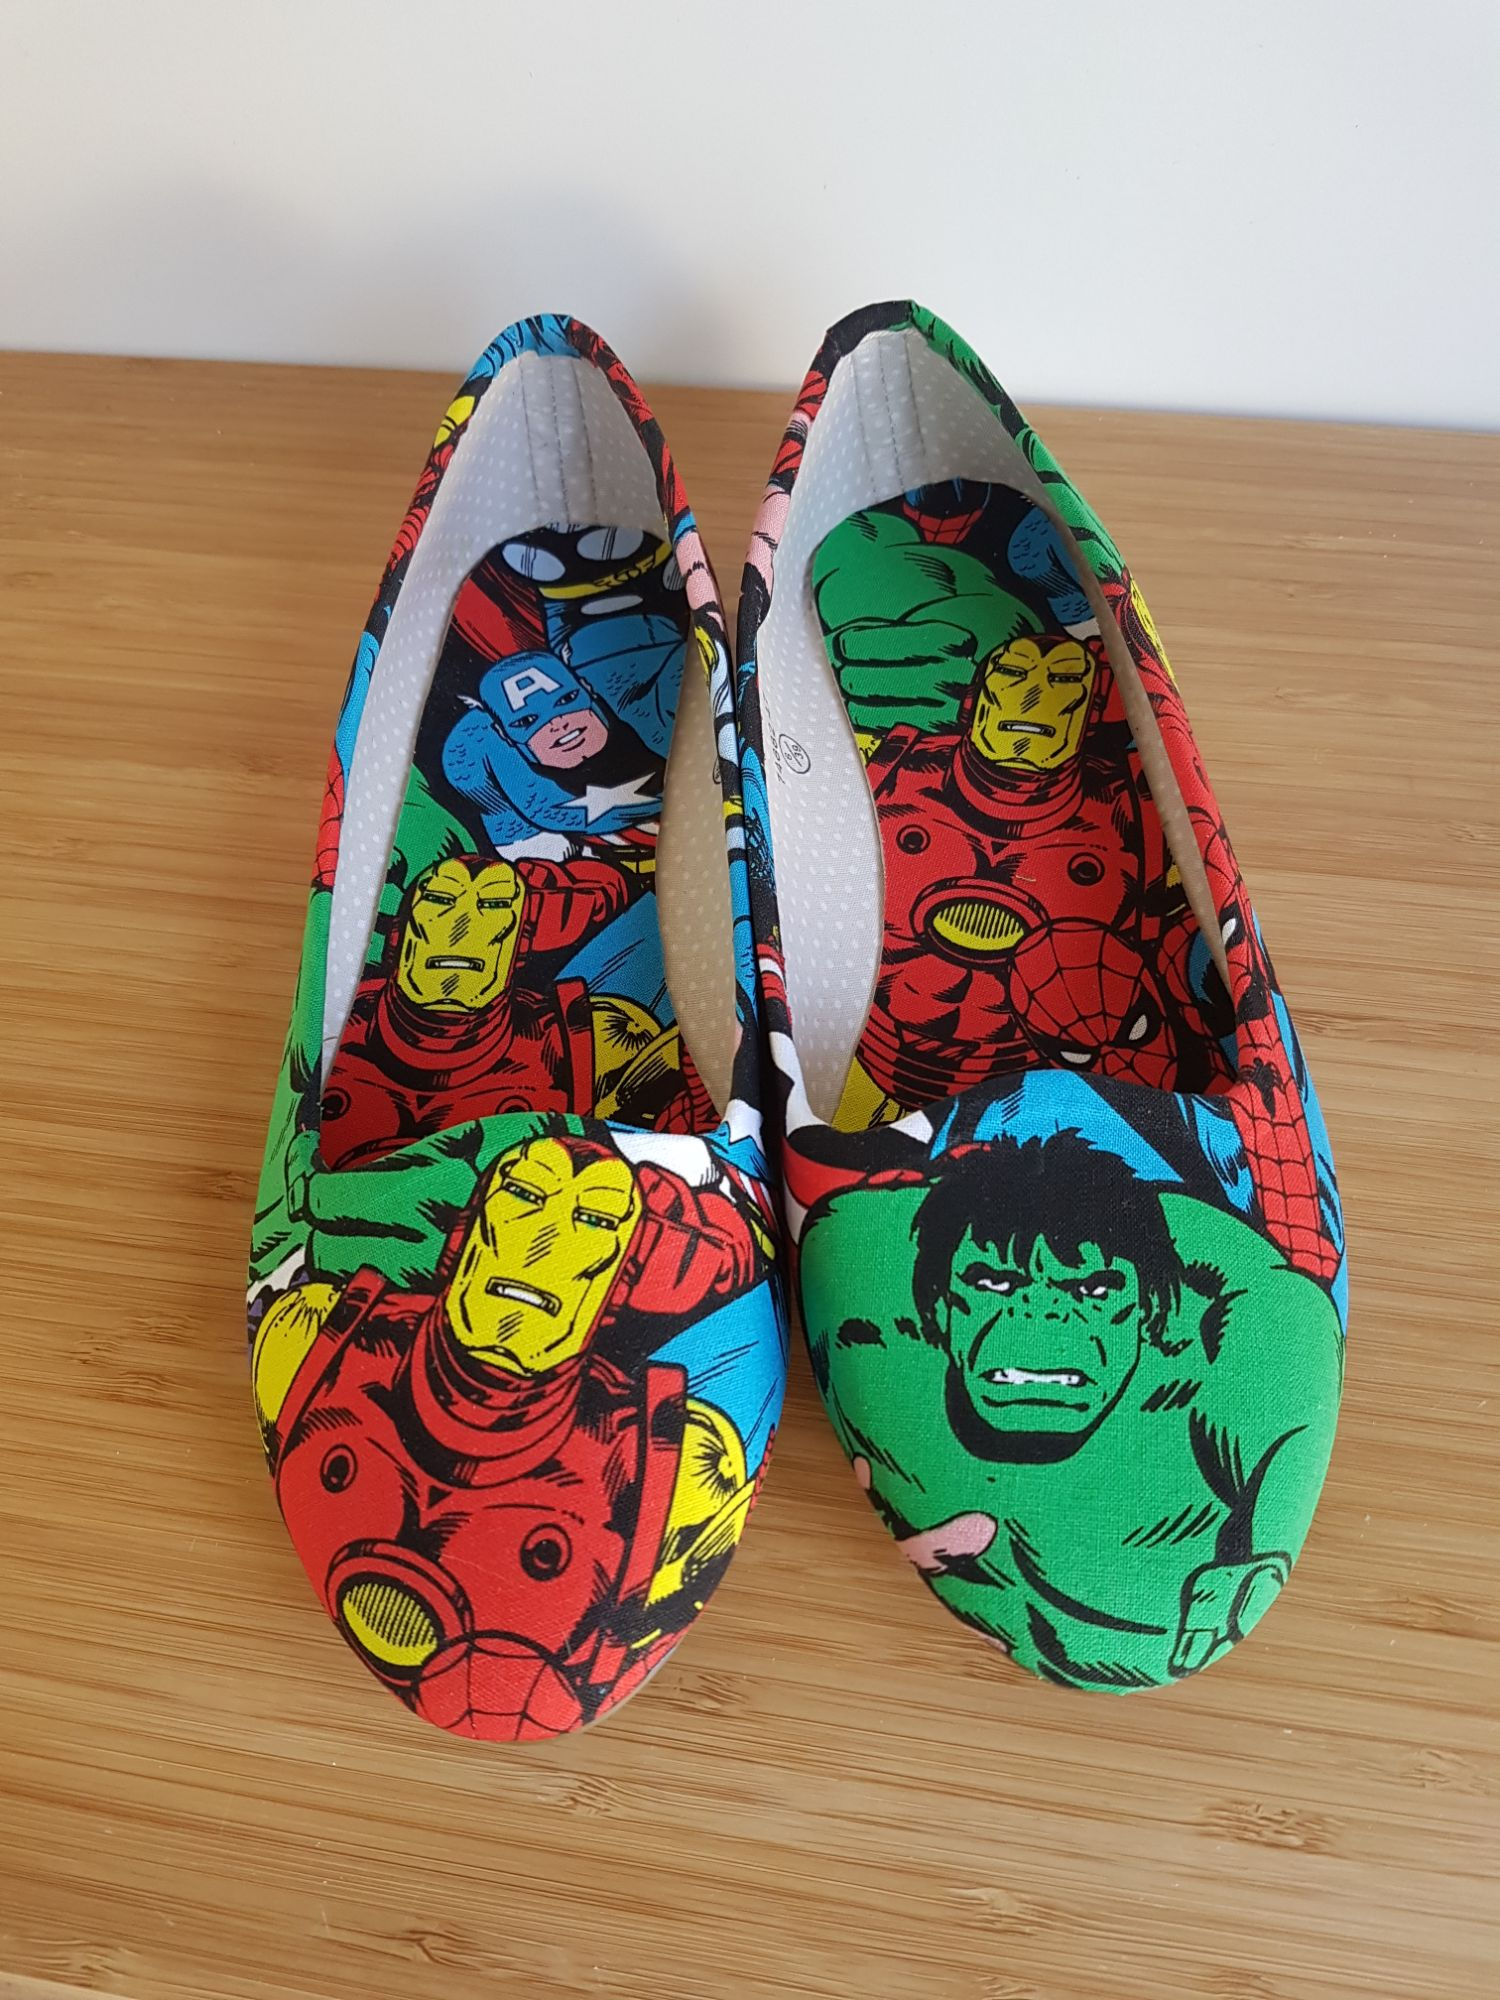 Marvel superhero flats